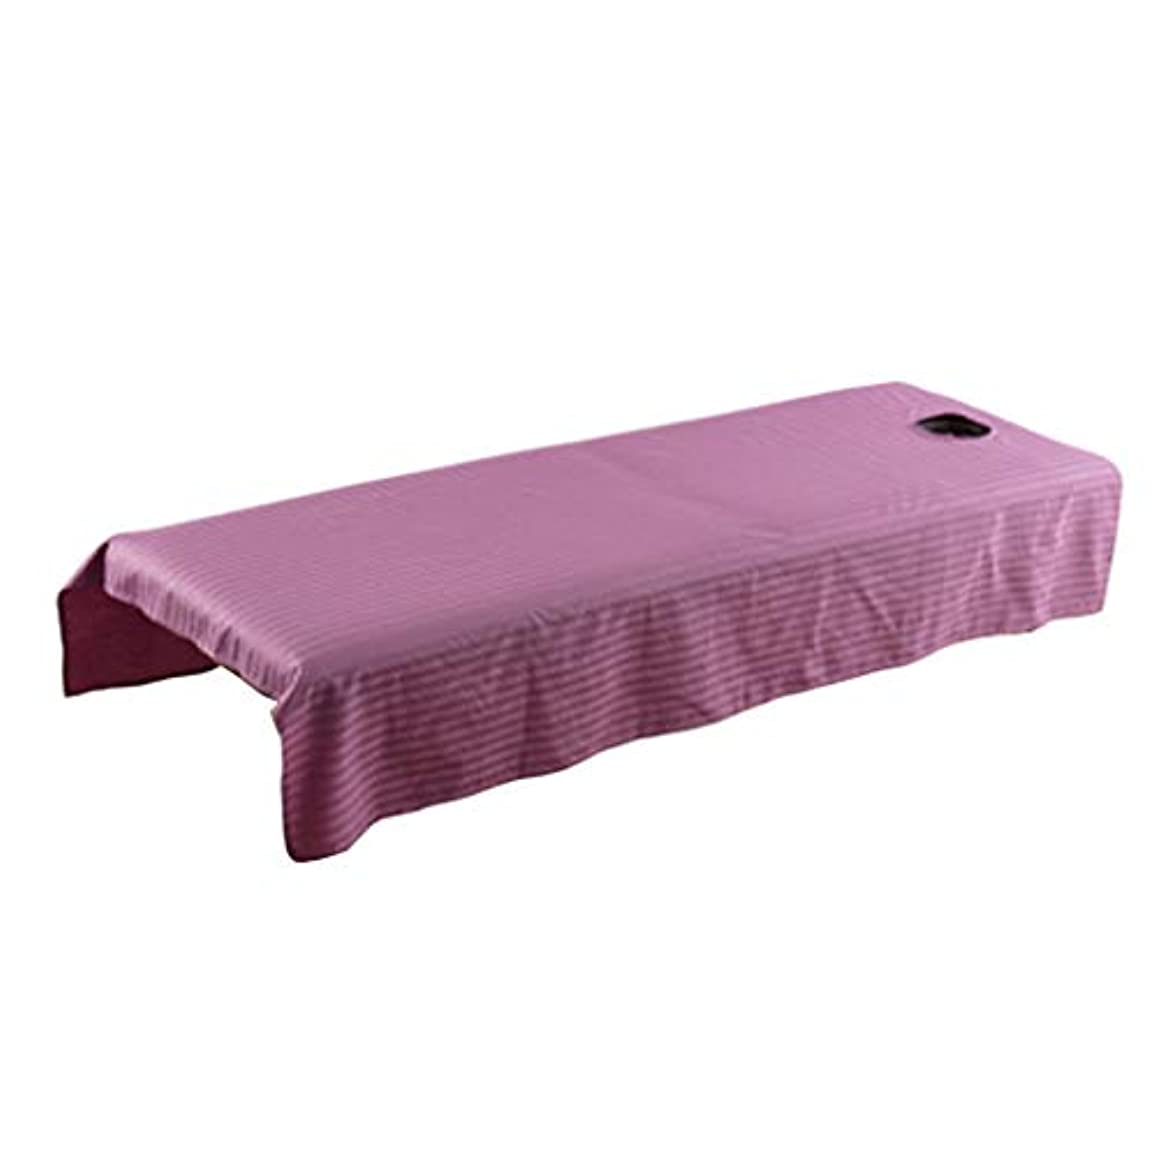 シート先入観苦しむマッサージベッド マッサージテーブル カバー シート 有孔 ソフト 全5カラー - 紫の